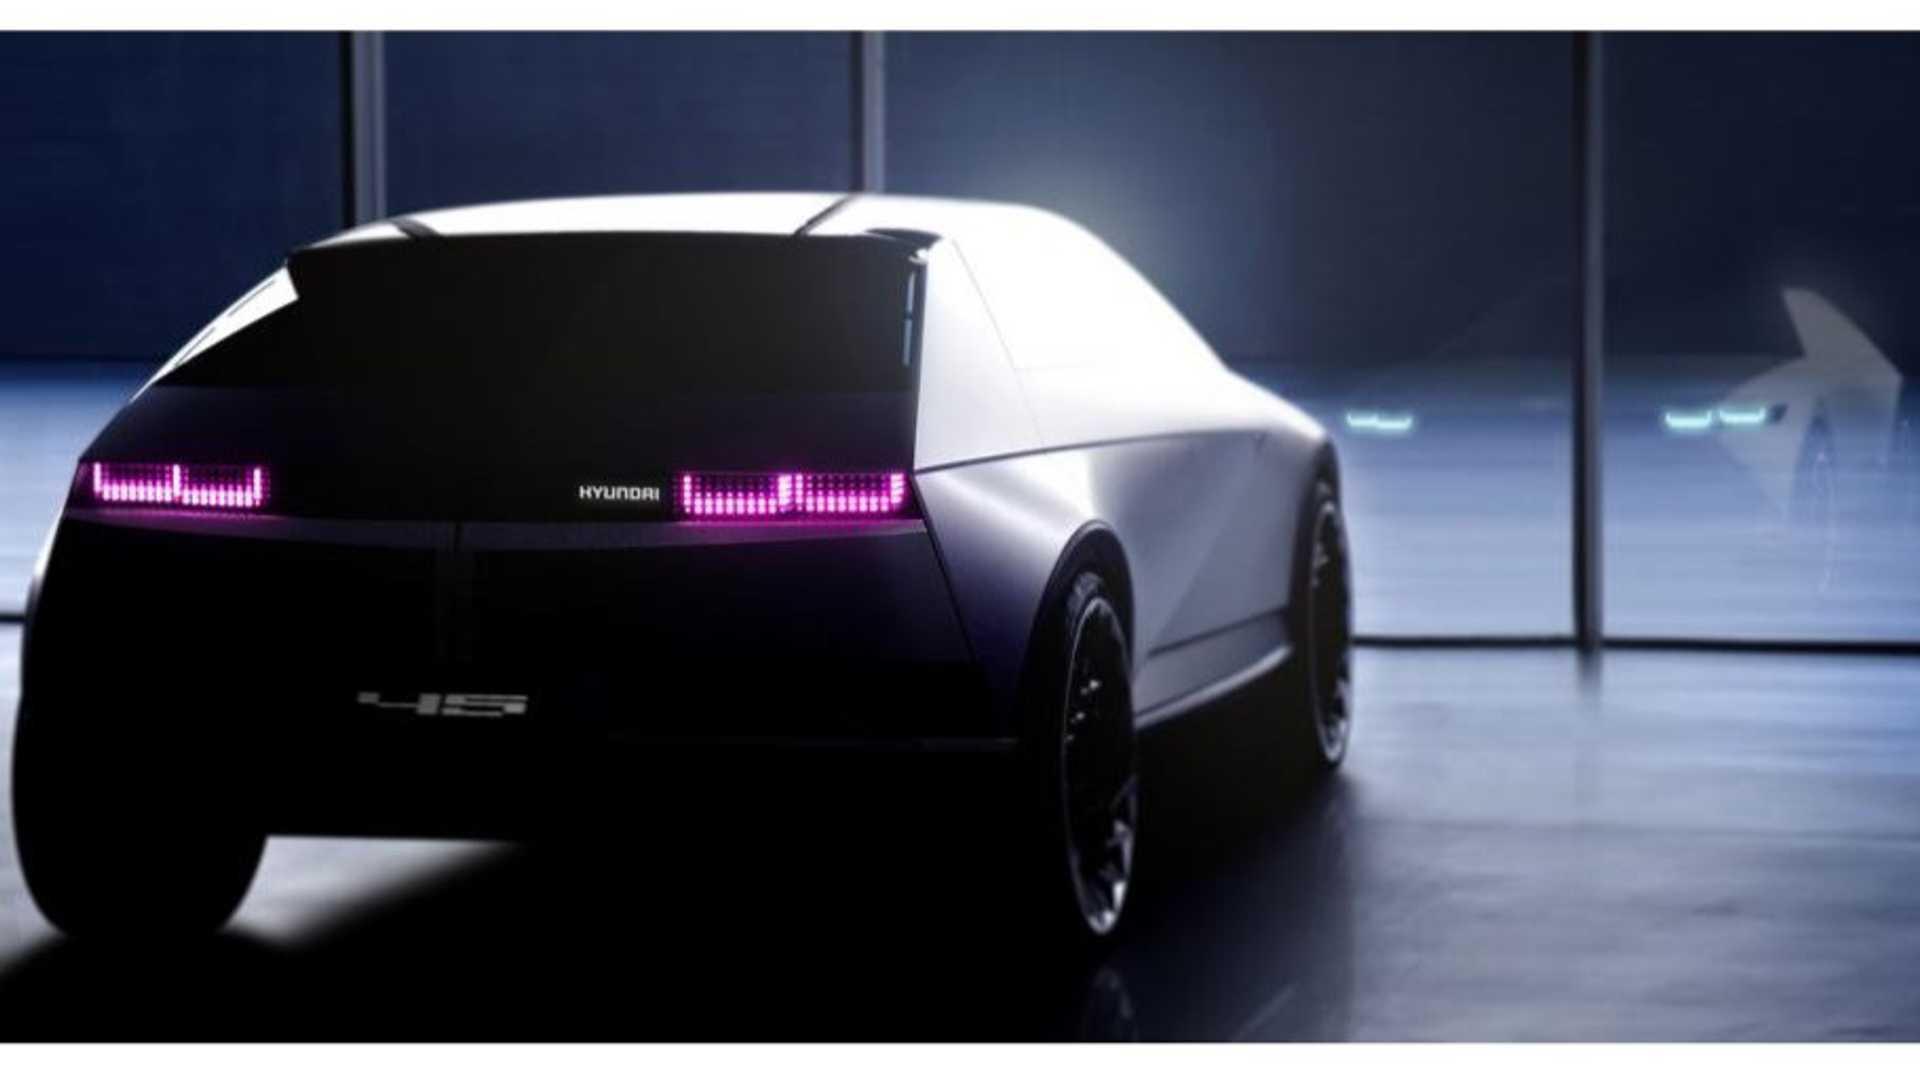 1970's-Inspired Hyundai『45』Concept Looks Retro Spectacular